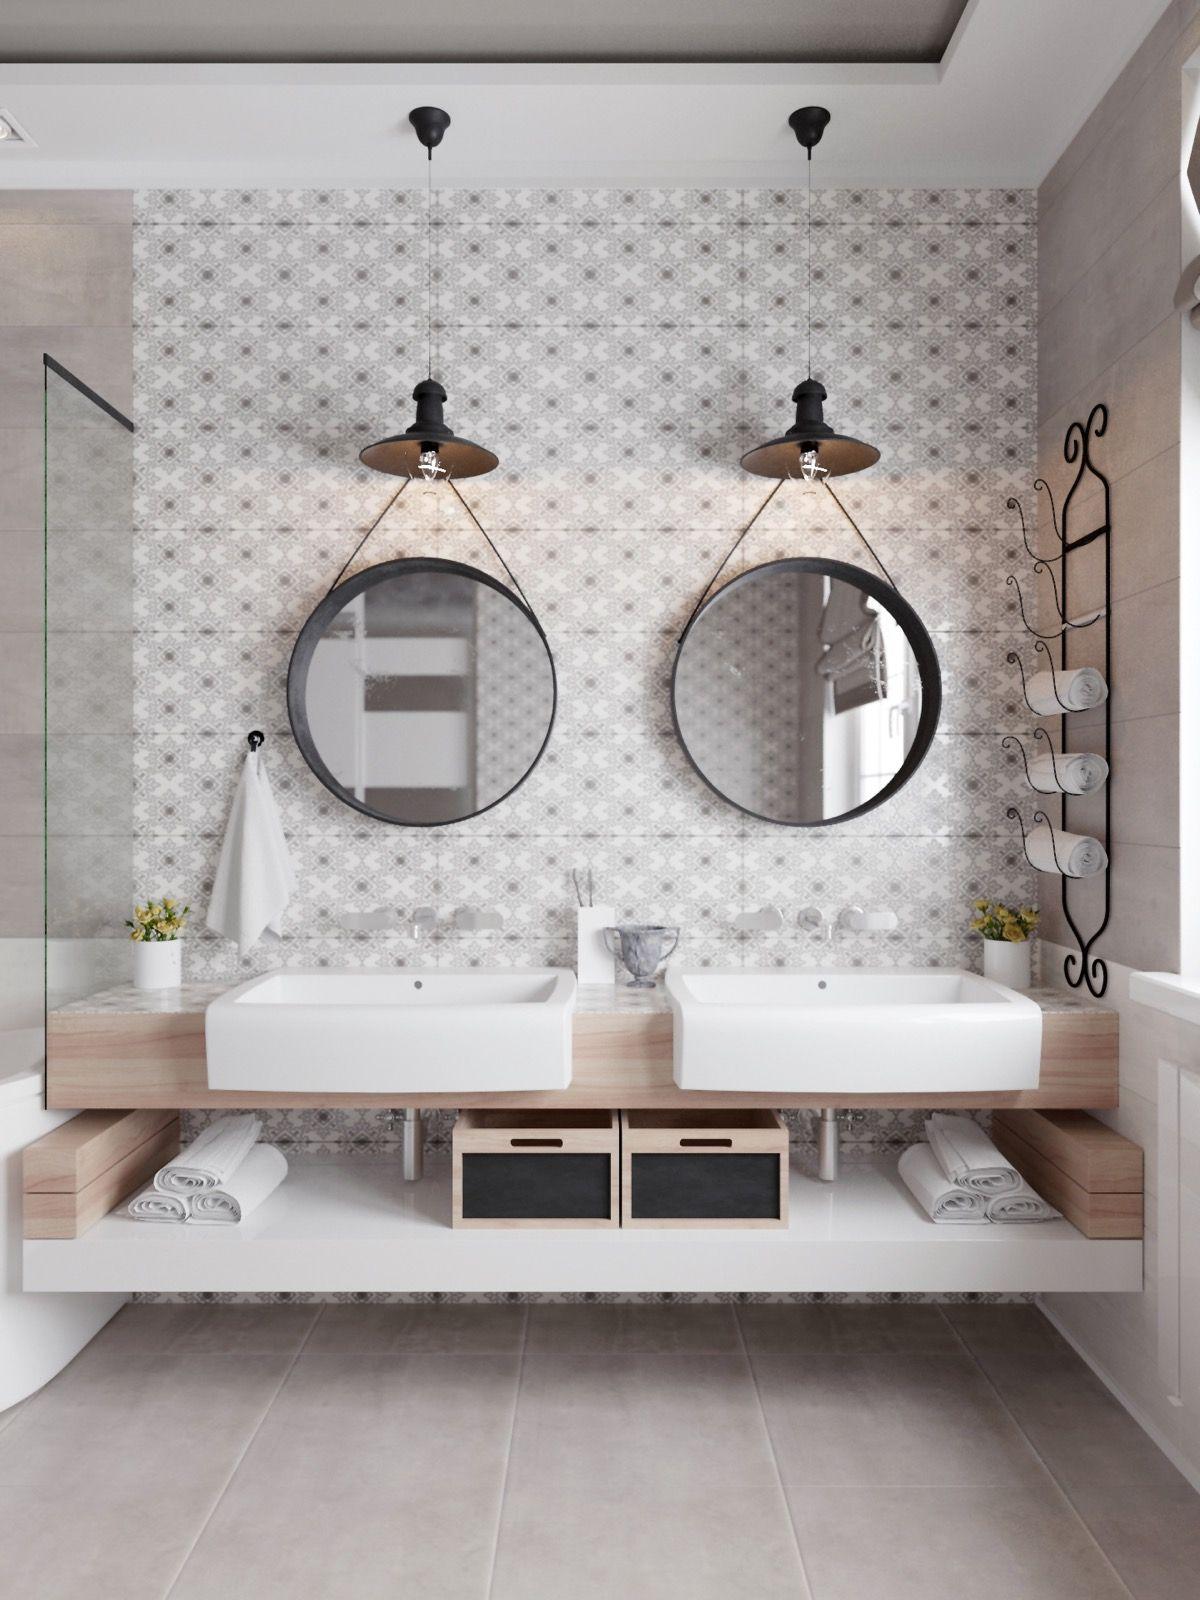 40 Double Sink Bathroom Vanities Bathroom Inspiration Bathroom Interior Round Mirror Bathroom [ 1600 x 1200 Pixel ]